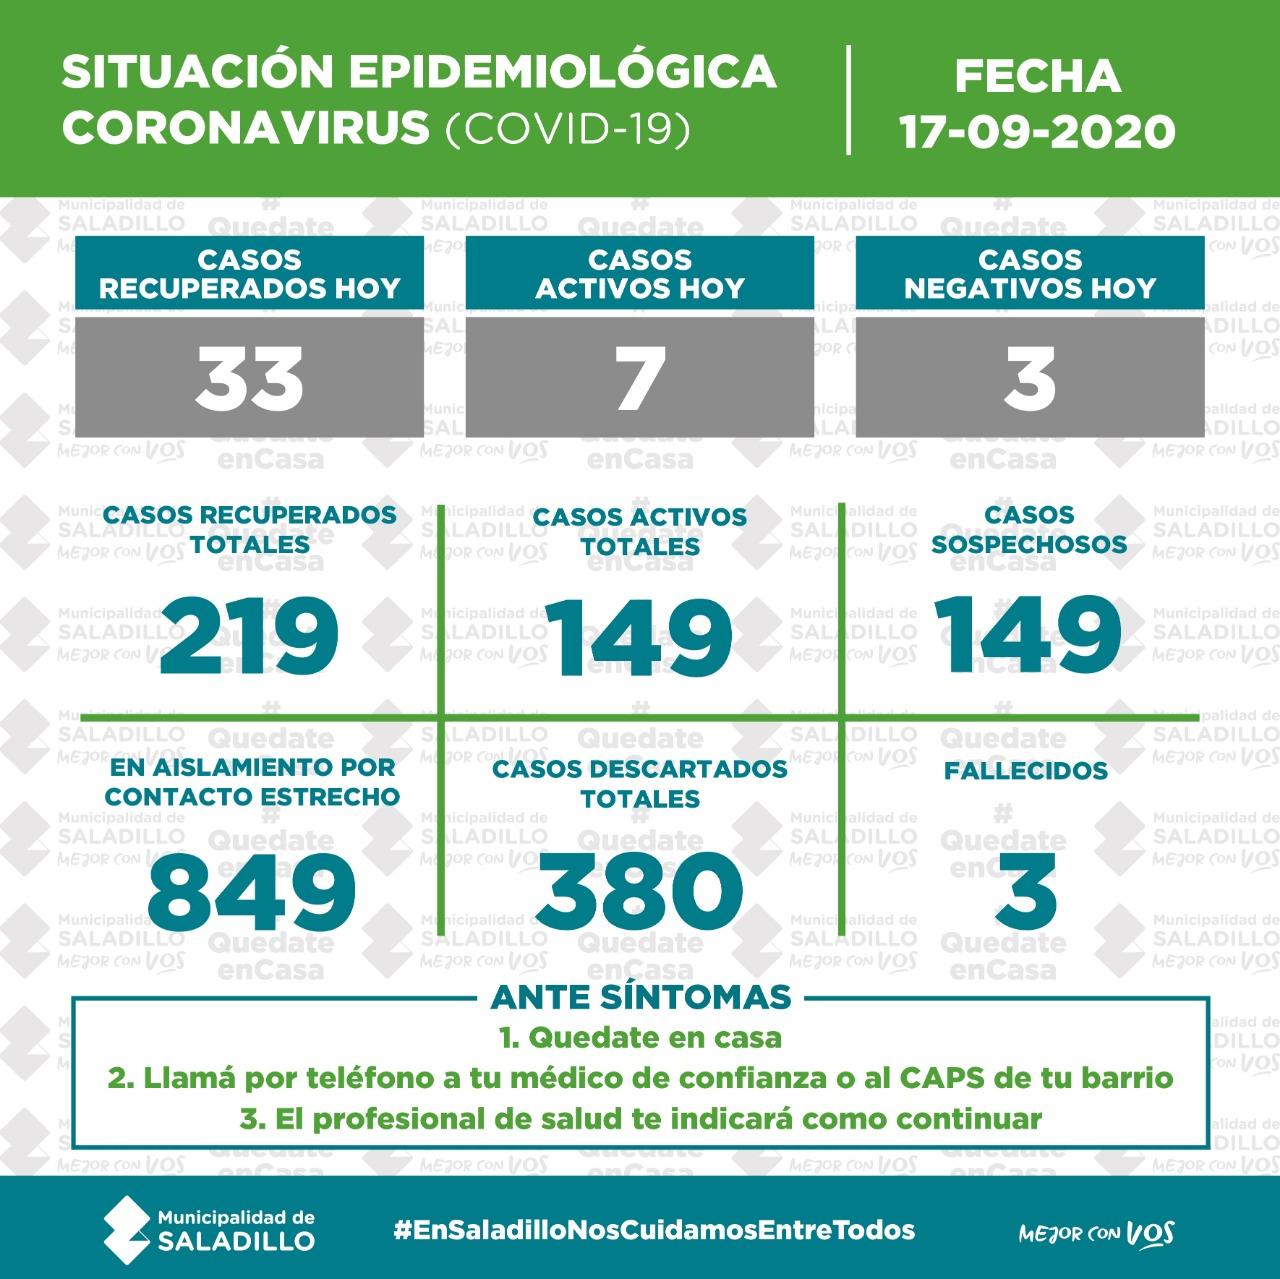 SITUACIÓN EPIDEMIOLÓGICA EN SALADILLO, ARGENTINA Y EL MUNDO al 17/09/2020